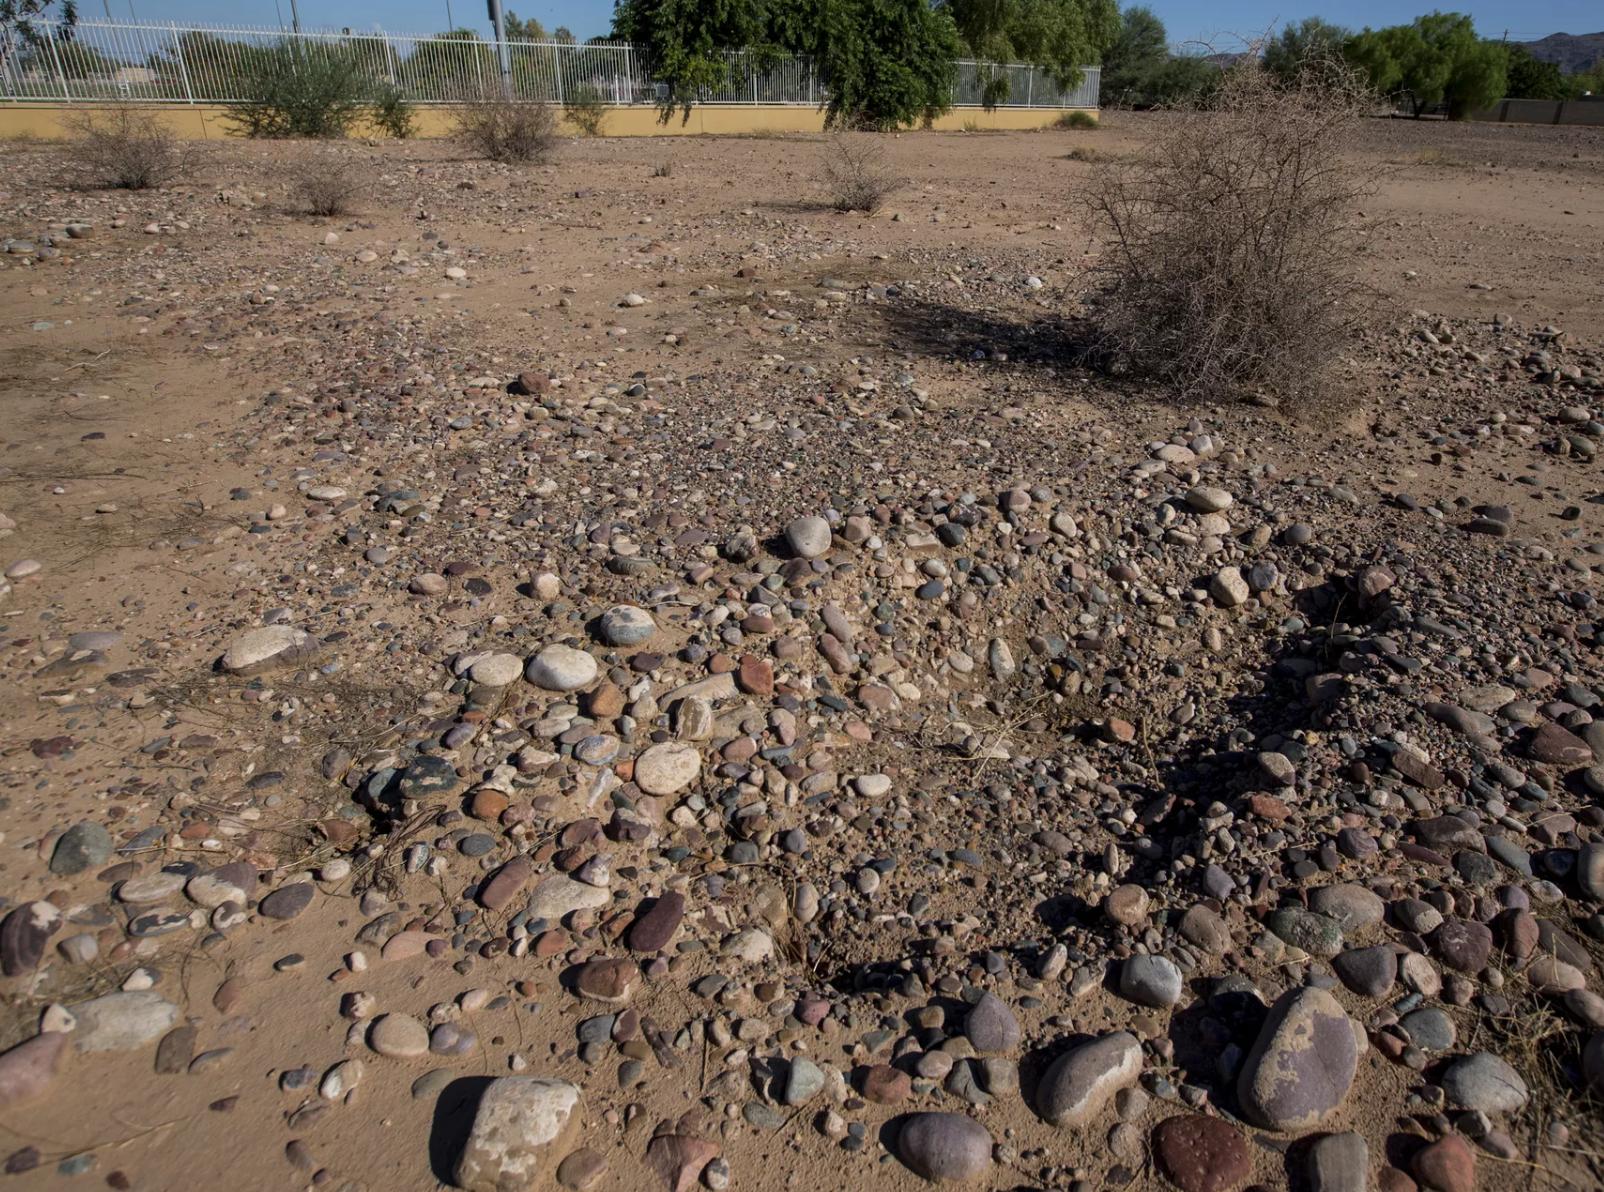 En la foto se observa una tumba saqueada en el cementerio Sotelo-Heard de Phoenix, a la cual le robaron una cruz de hierro. Algunas lápidas del cementerio histórico se han trasladado a su ubicación actual para evitar la vandalización.